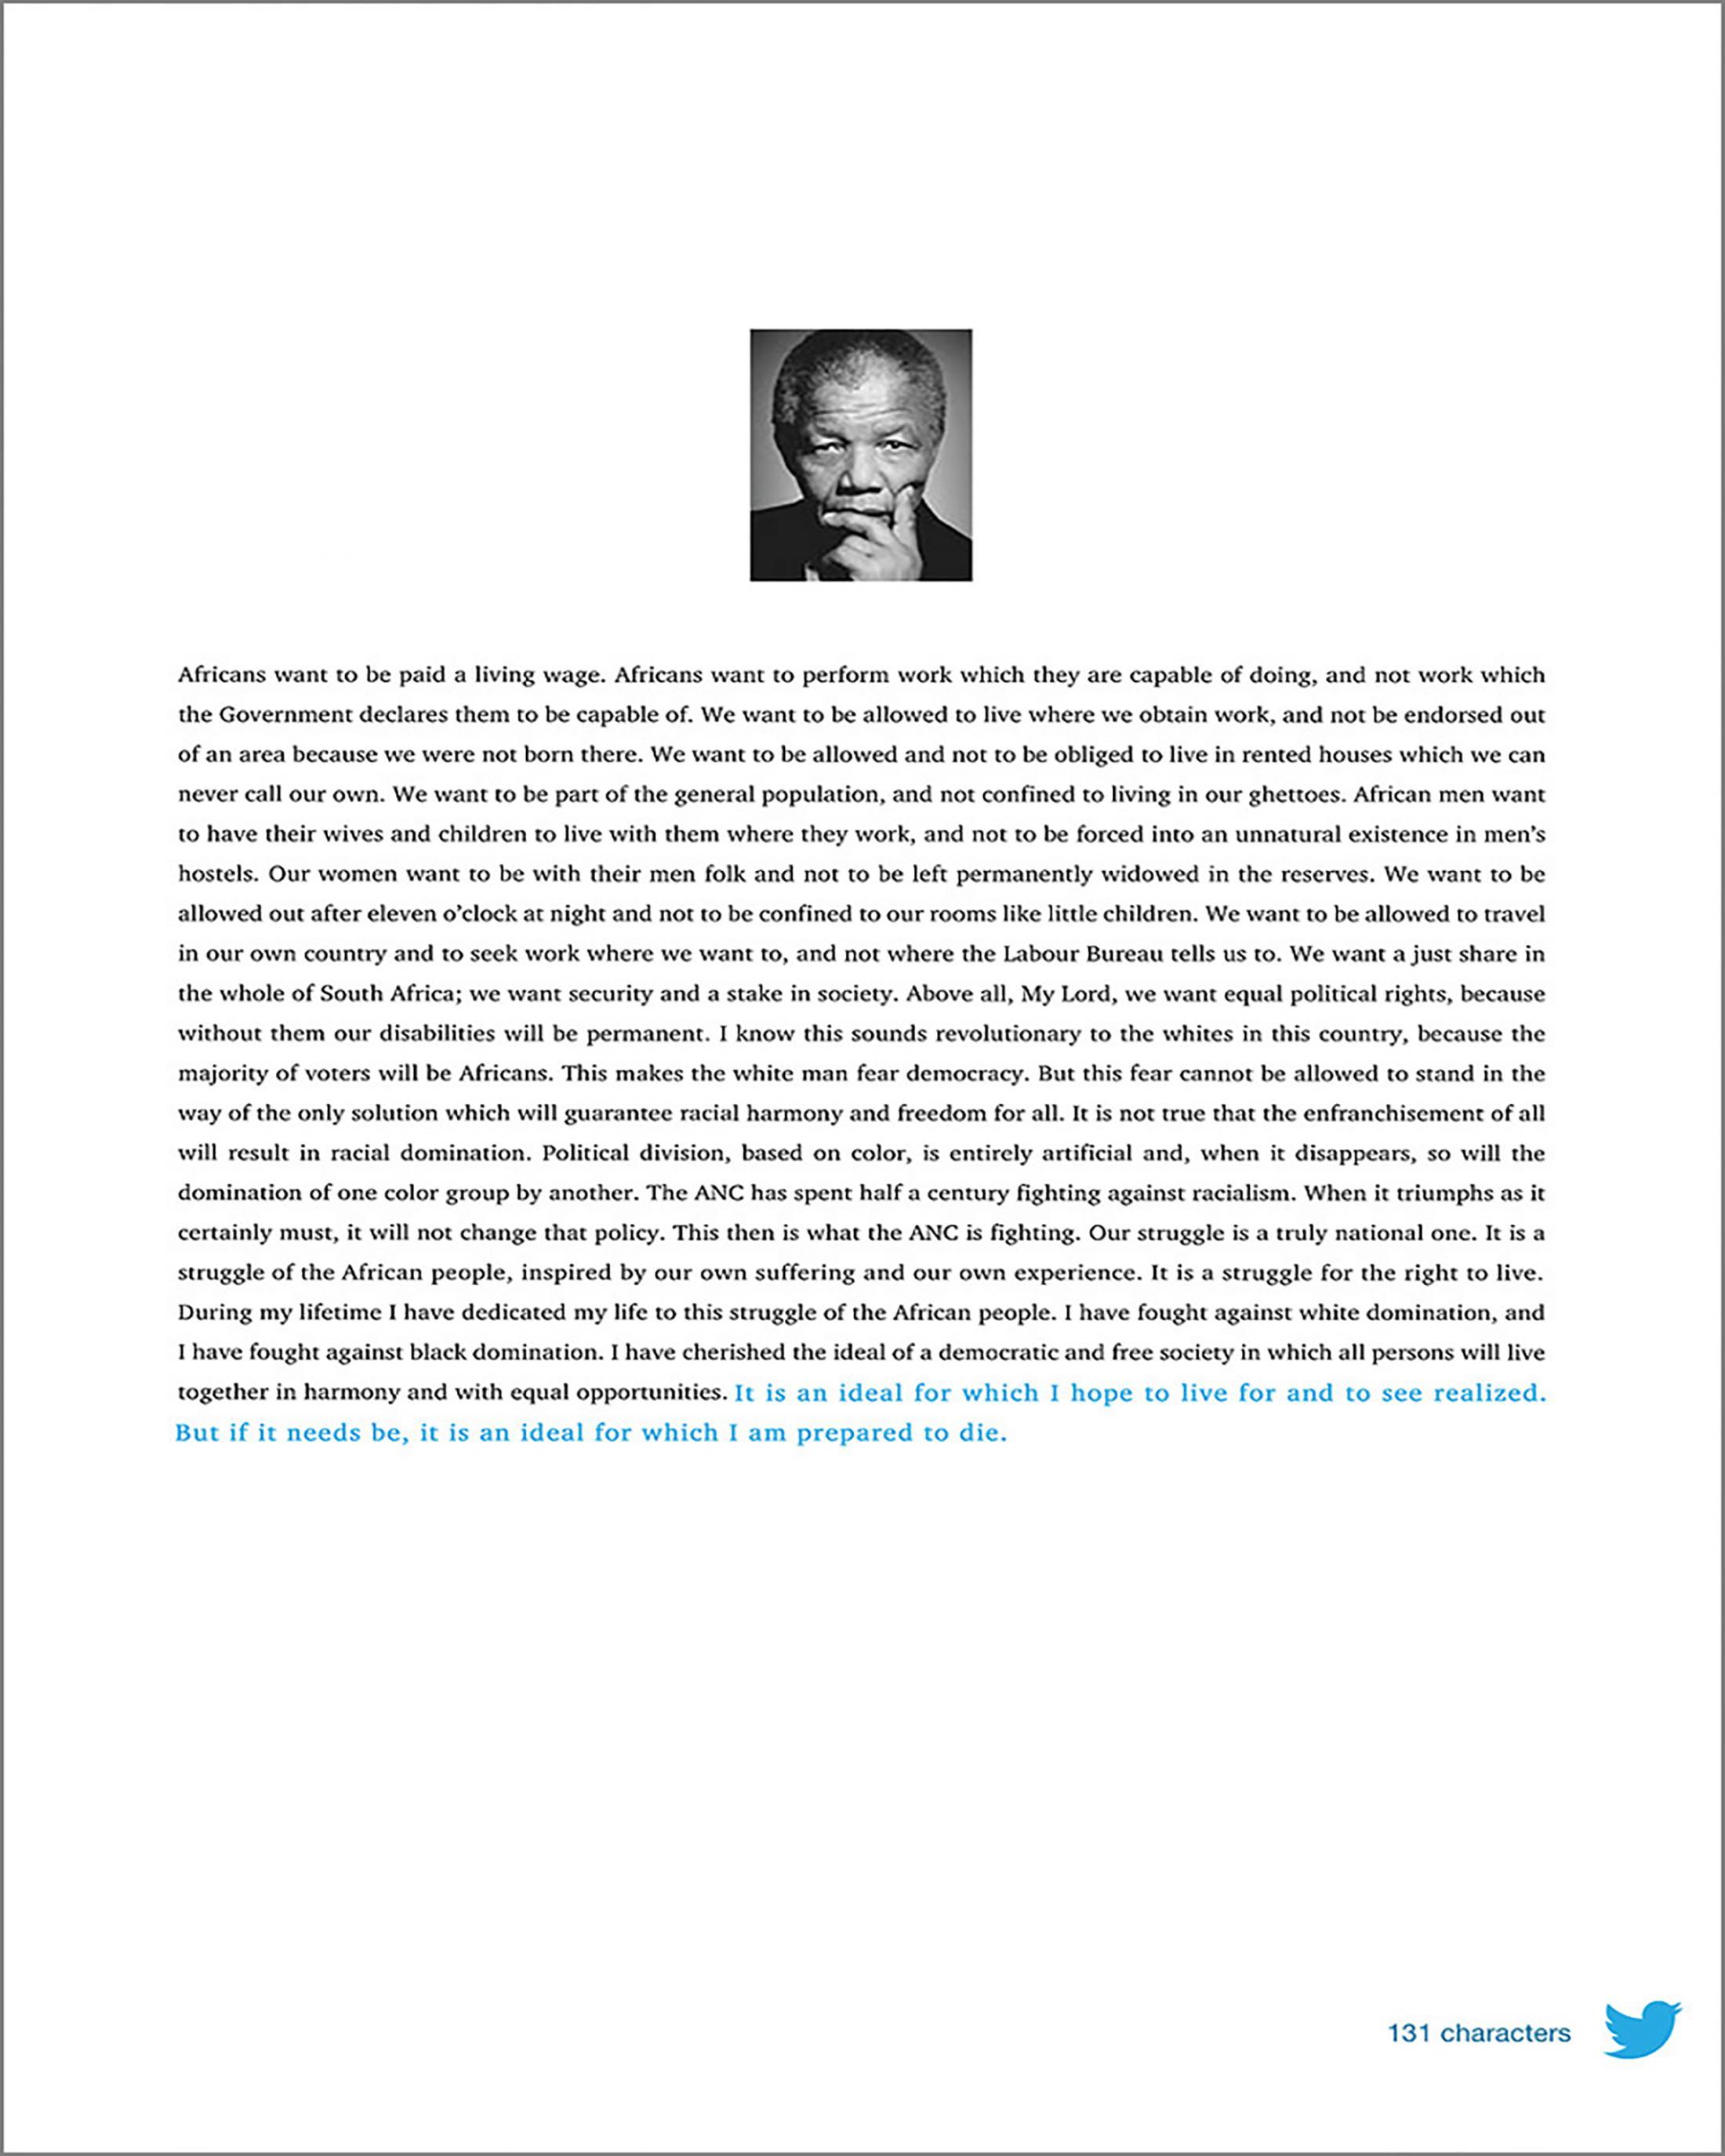 Thumbnail for Nelson Mandela